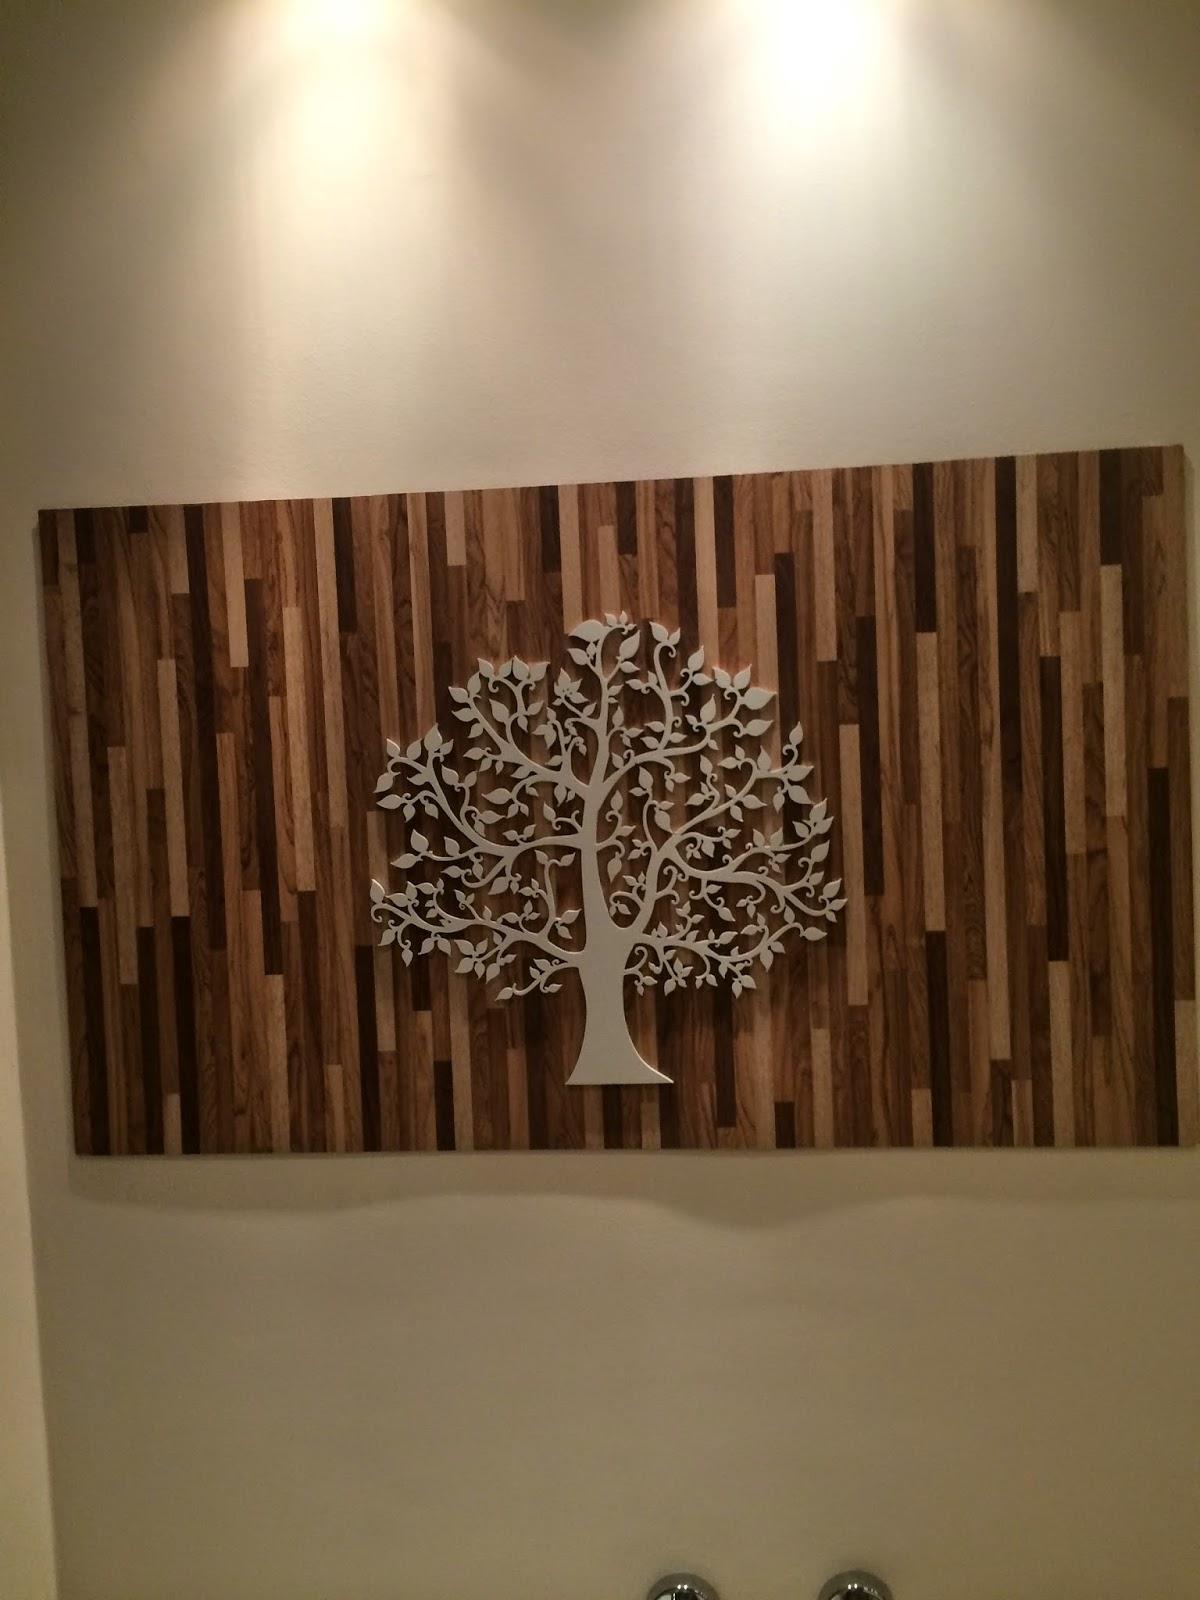 #38200F  Escultura Em Mdf Painel Decorativo Em Madeira Outros LZK Gallery 1200x1600 px como fixar paineis de madeira na parede @ bernauer.info Móveis Antigos Novos E Usados Online